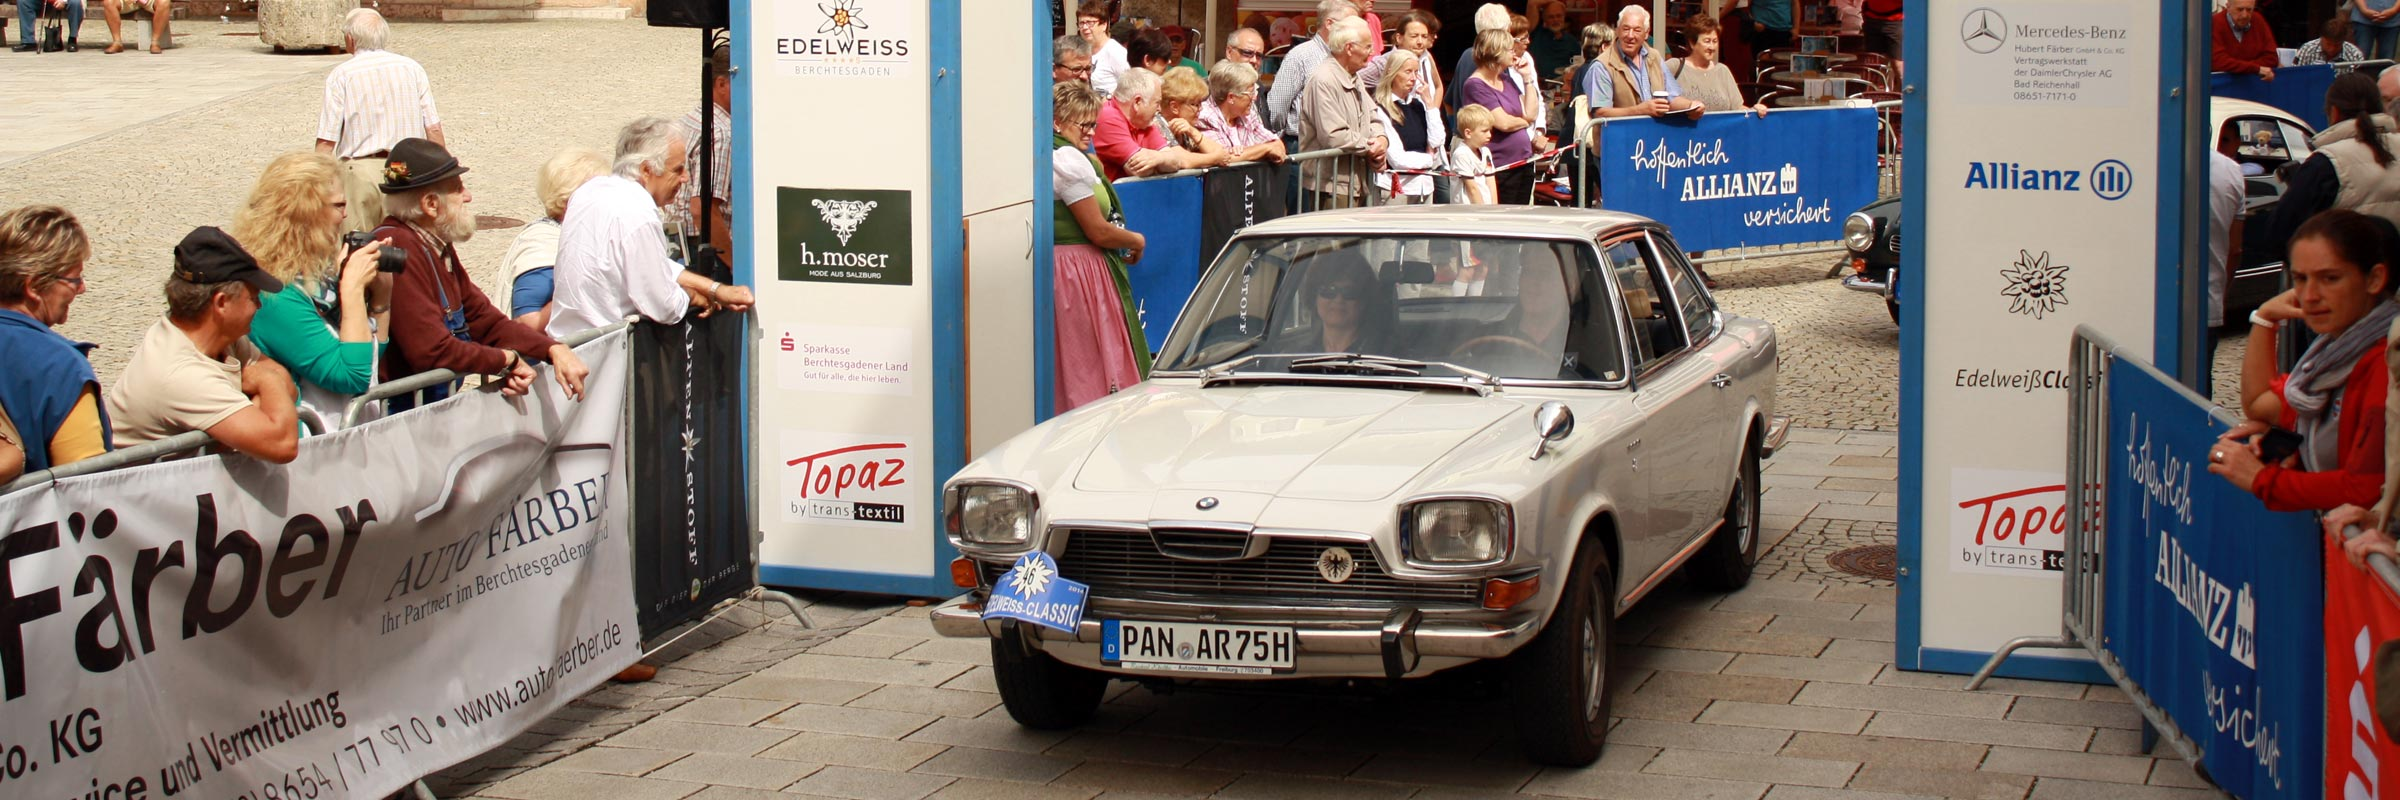 Die Sieger der EdelweißClassic 2014 Rambold Hannes und Connie auf Glas 3000 V8 BJ 1967